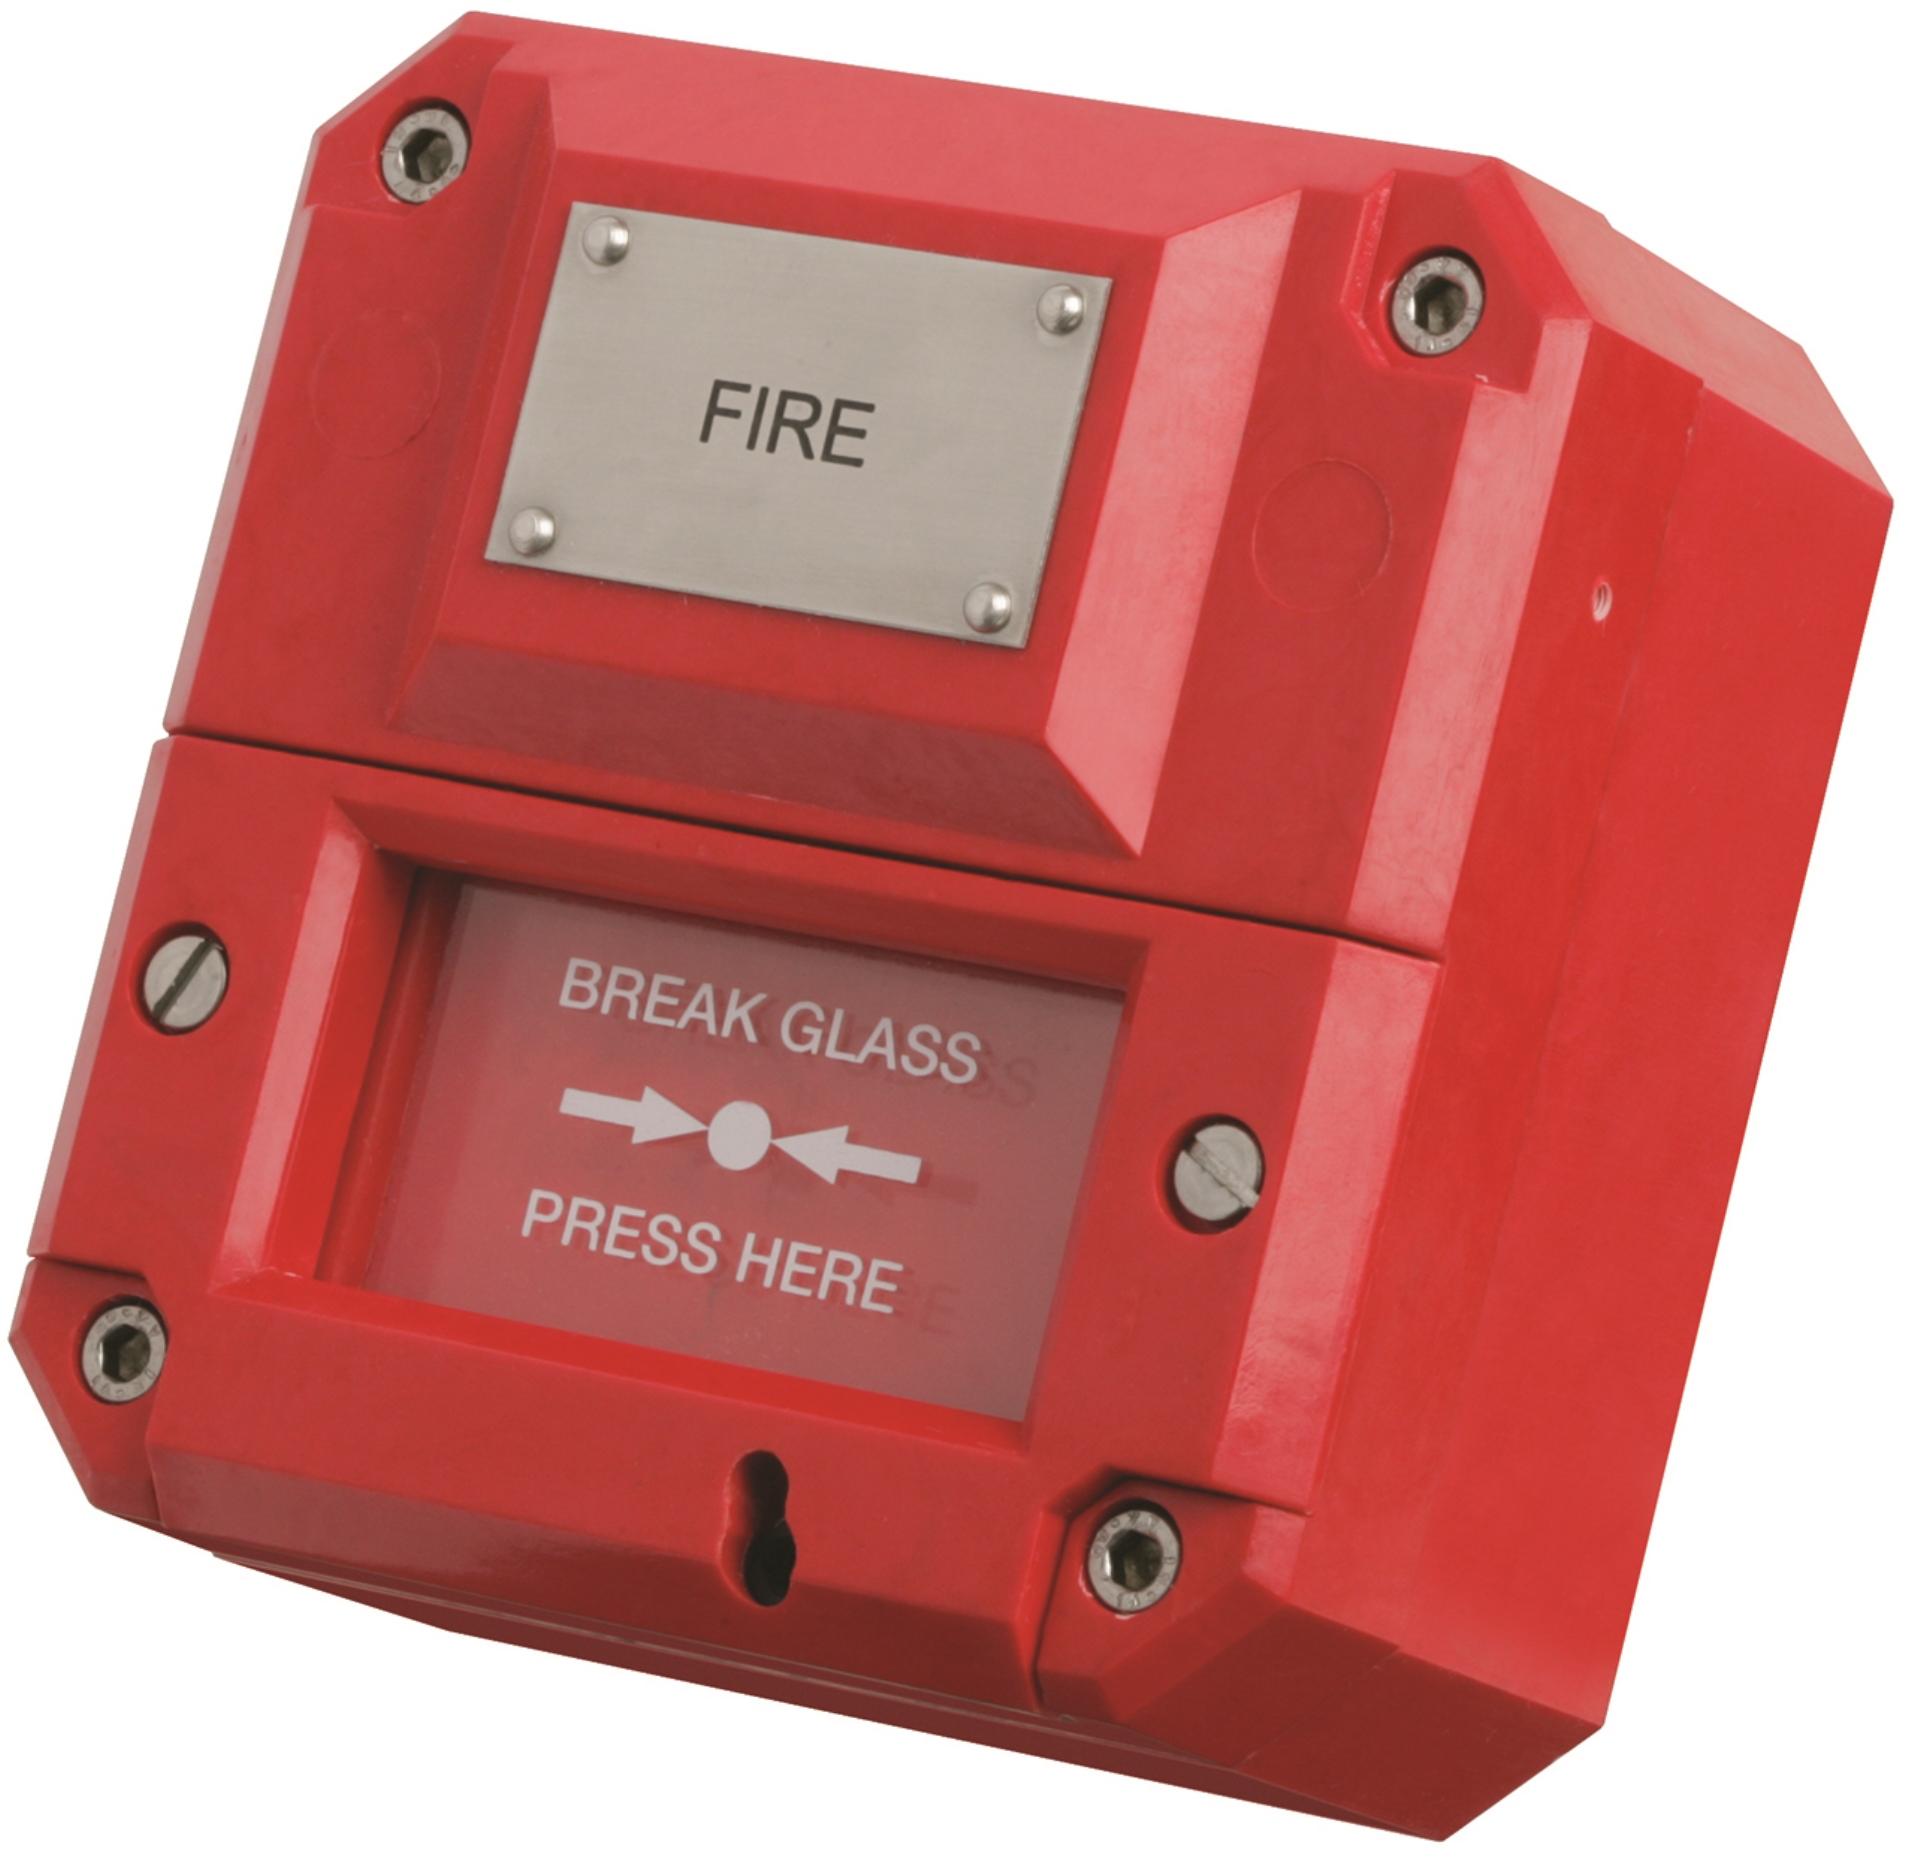 MEDC manuell melder brann flamme alarm akustisk Manual call point fire beacon sounder Flammedetektor fra Cooper Eaton